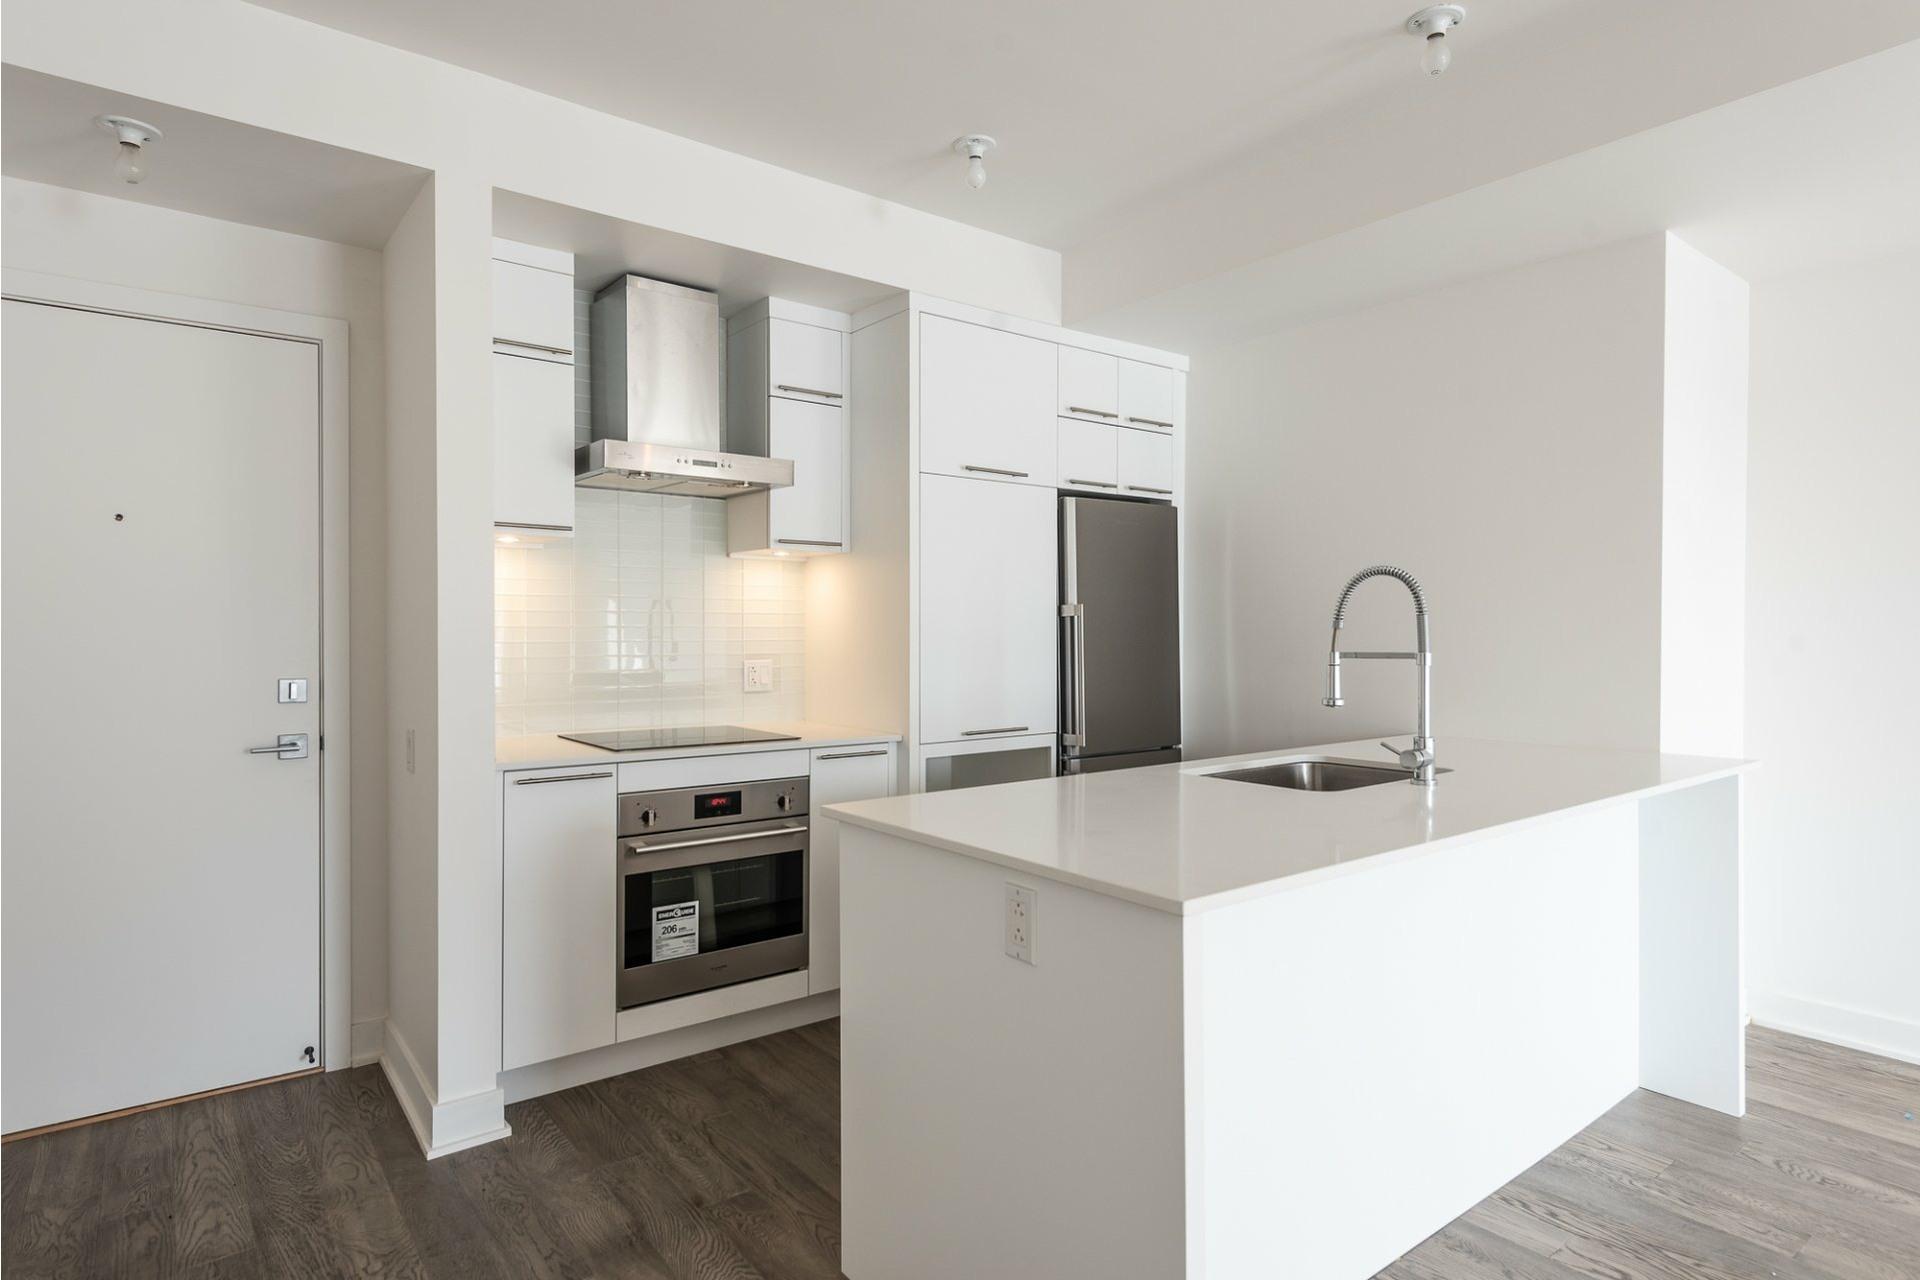 image 4 - Apartment For rent Villeray/Saint-Michel/Parc-Extension Montréal  - 5 rooms